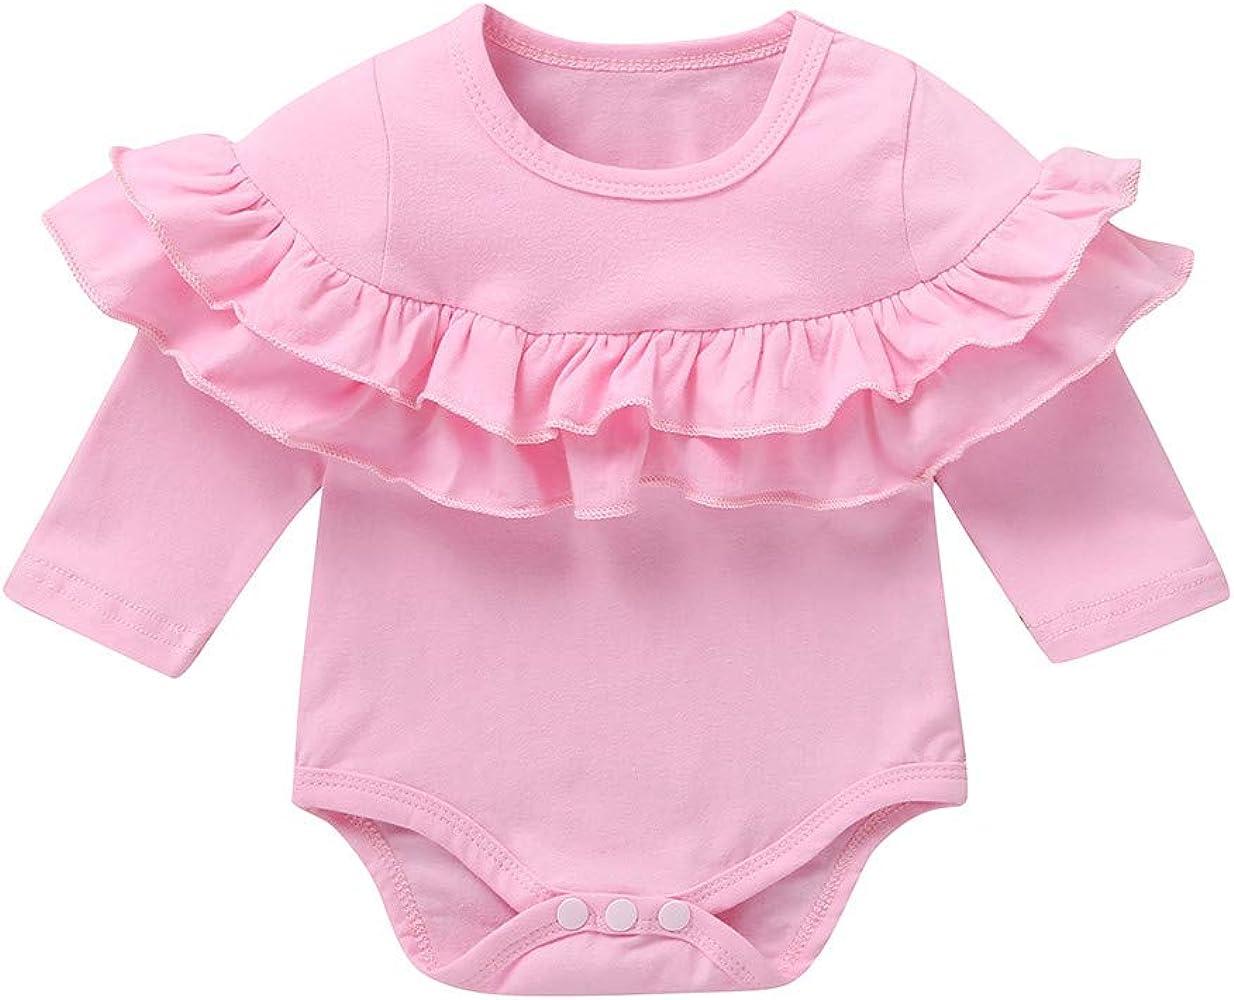 MAYOGO Niña Camiseta Manga Larga Volantes Color sólido Invierno Mameluco para Recién Nacido Bebé Niñas 0 a 3 Meses Traje de bebé Niña Pelele de Fiesta Ropa Bebé Dulces Hija 0-2 Años: